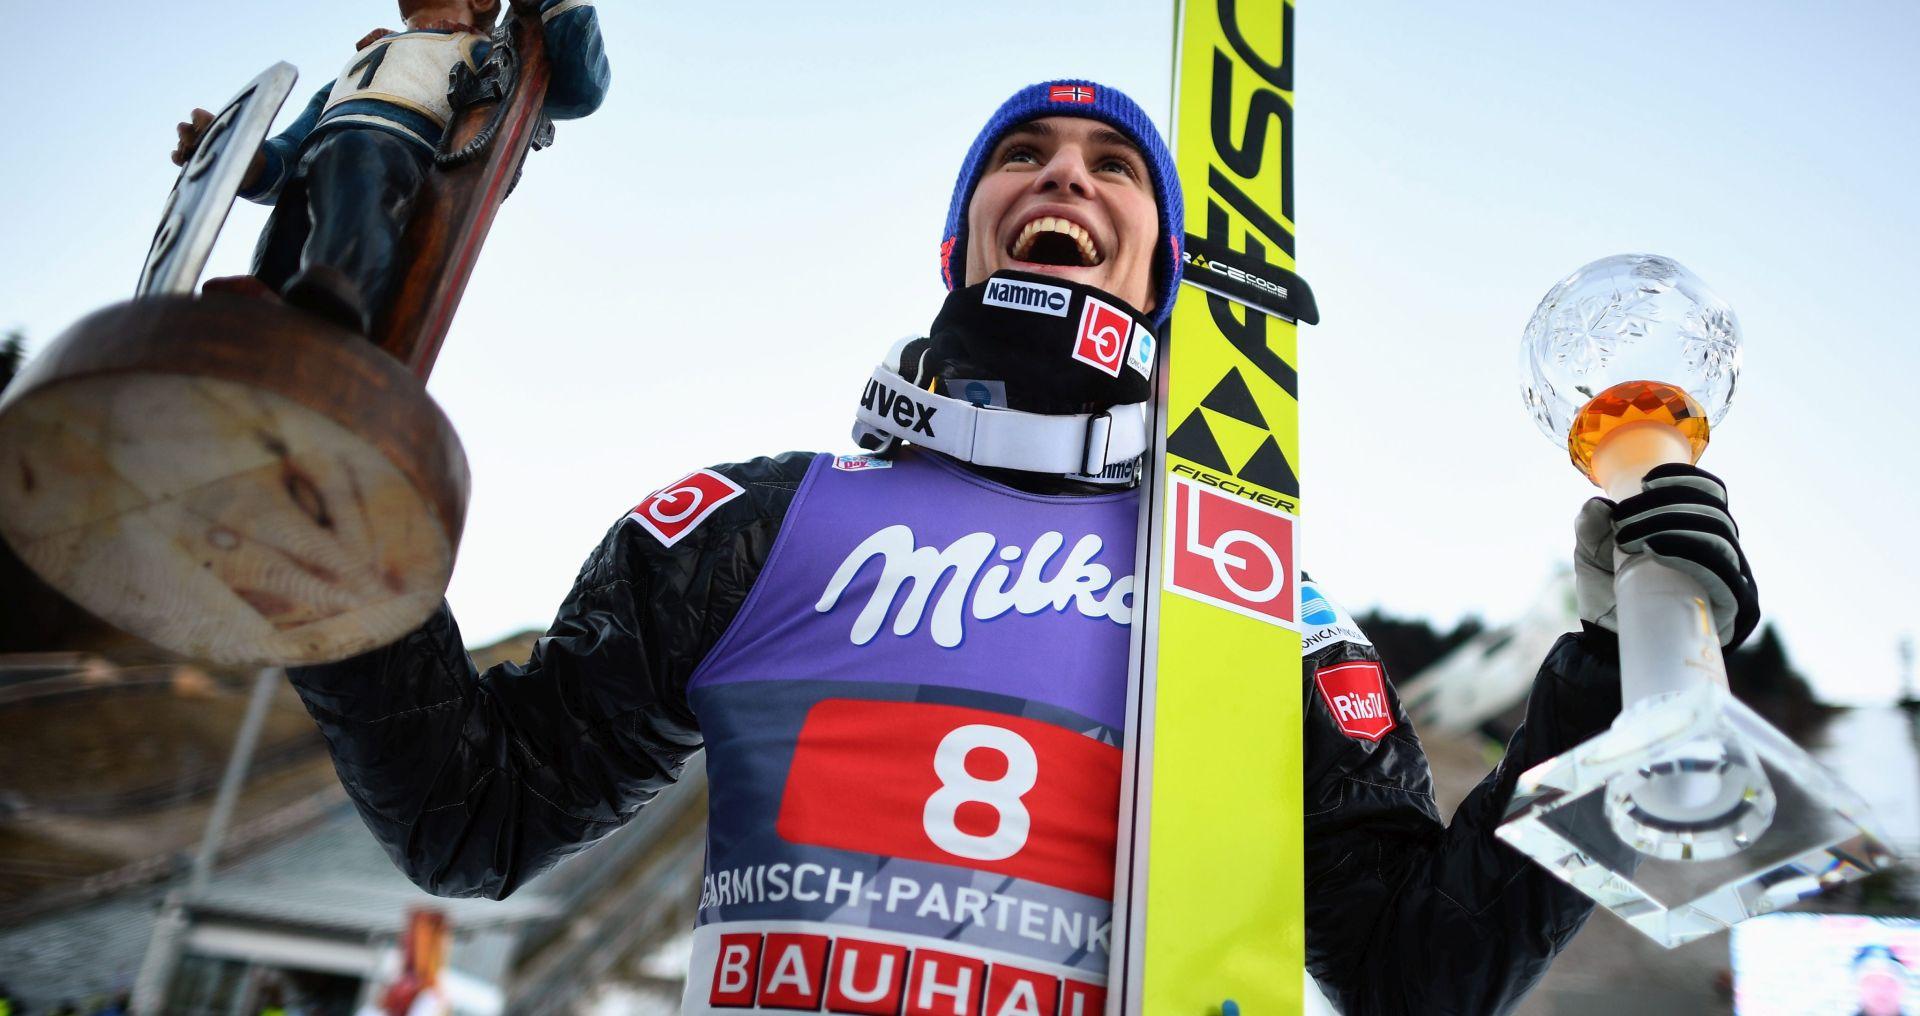 NOVOGODIŠNJA TURNEJA Norvežanin Tande pobjednik u Garmischu